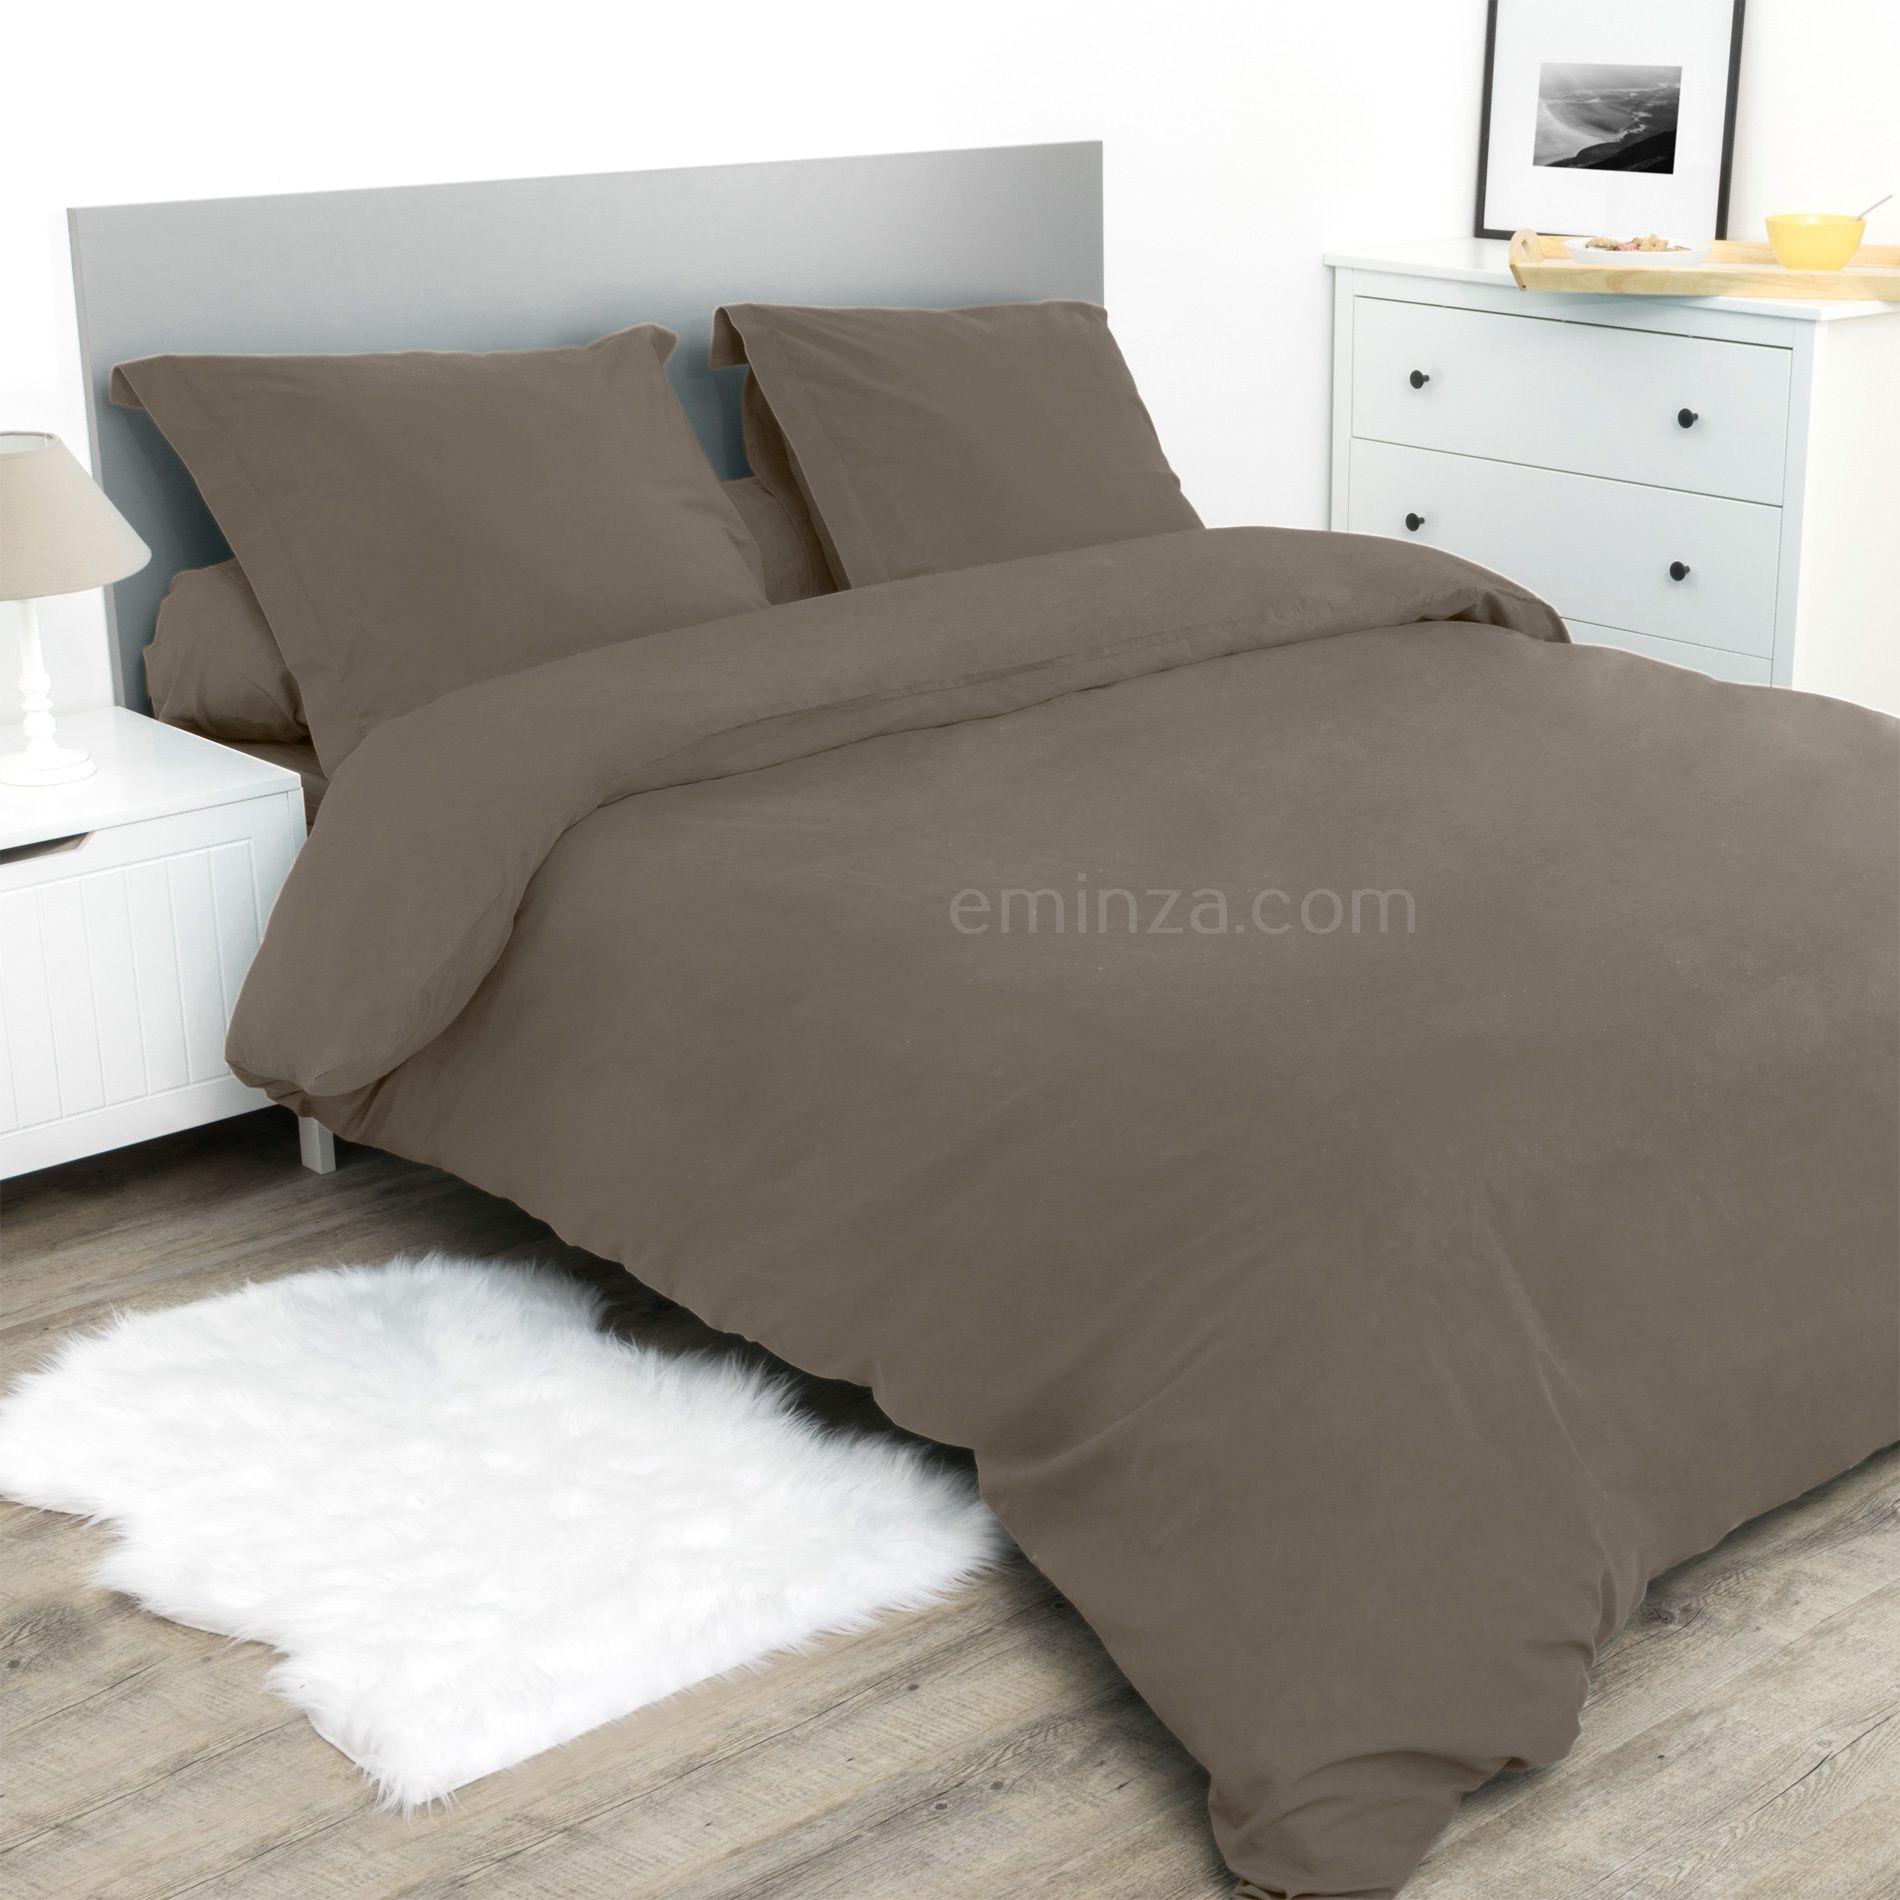 Drap housse 140 cm confort taupe drap housse eminza for Drap housse 140x90